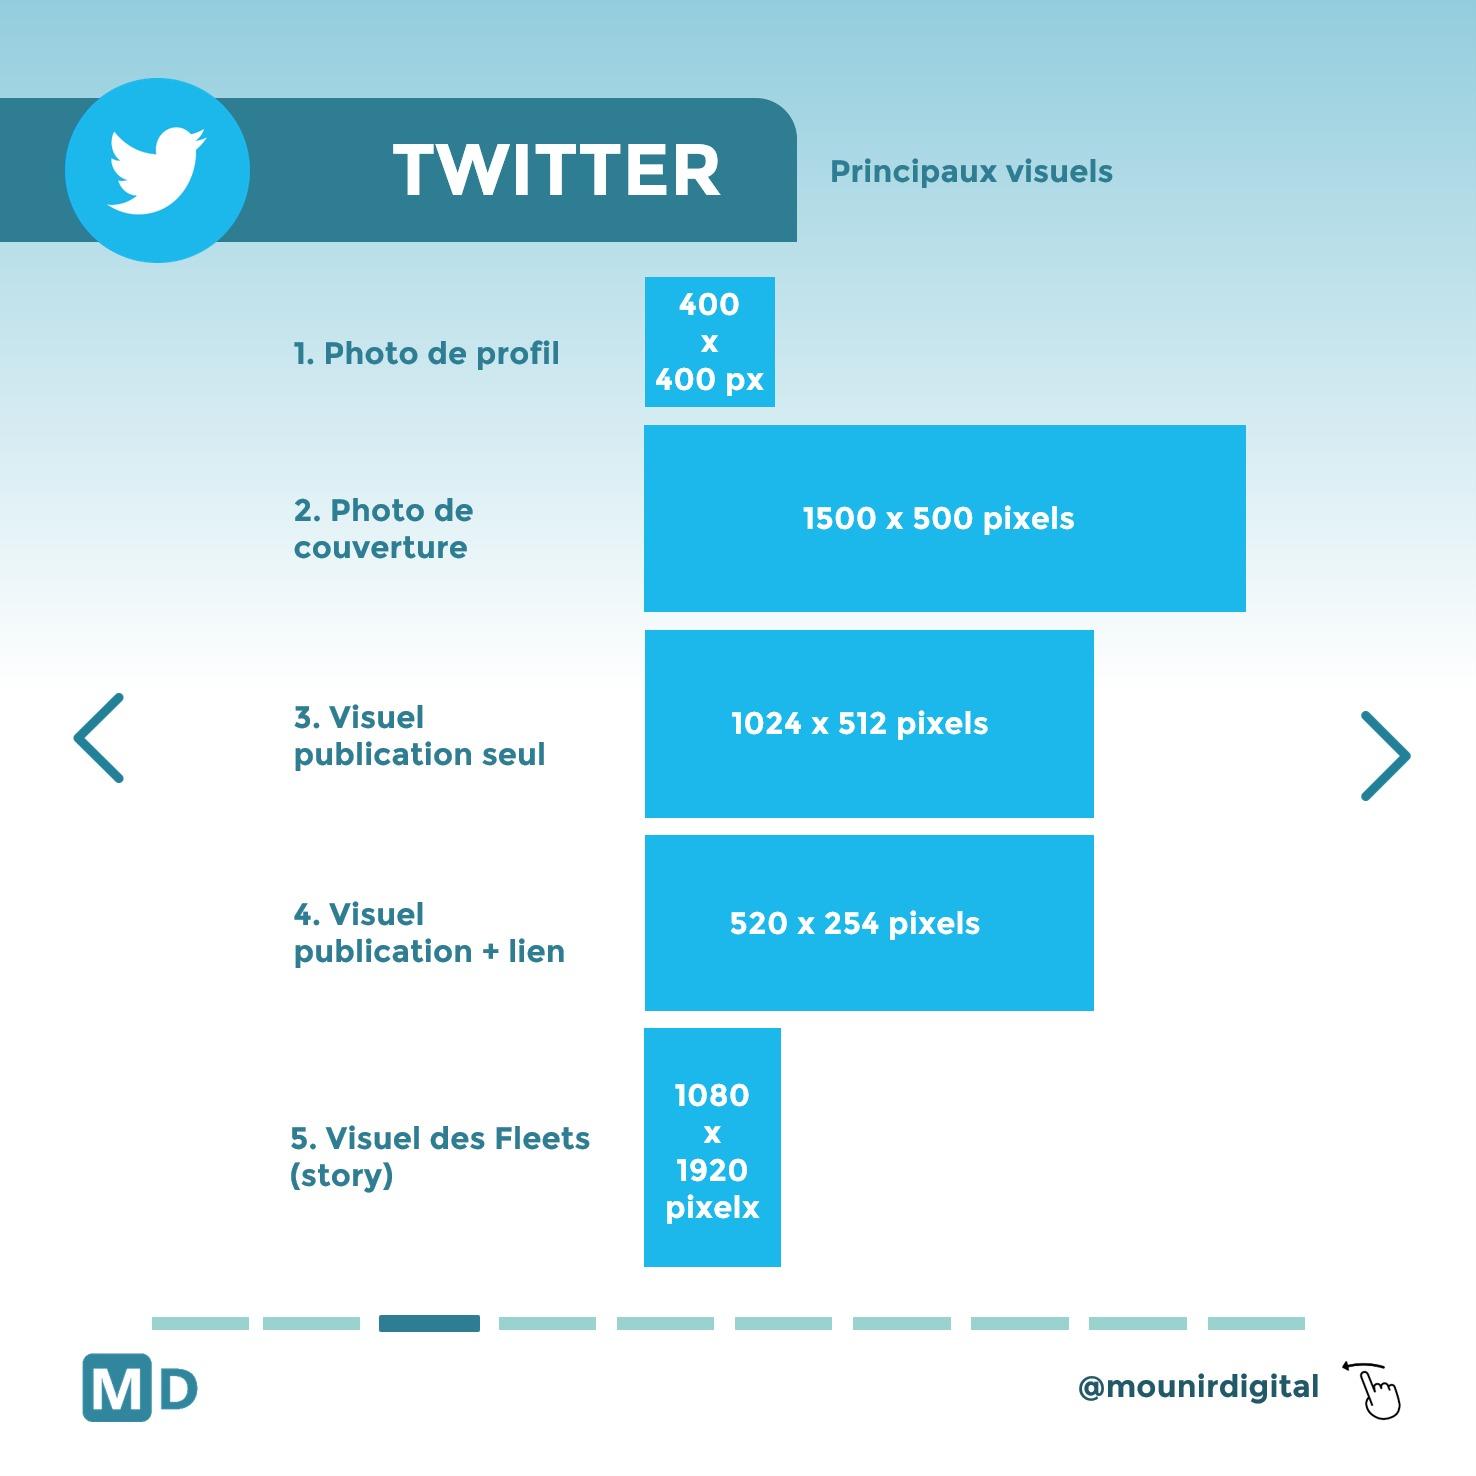 Taille visuel twitter - quelles tailles pour les visuels des réseaux sociaux - Mounir Digital